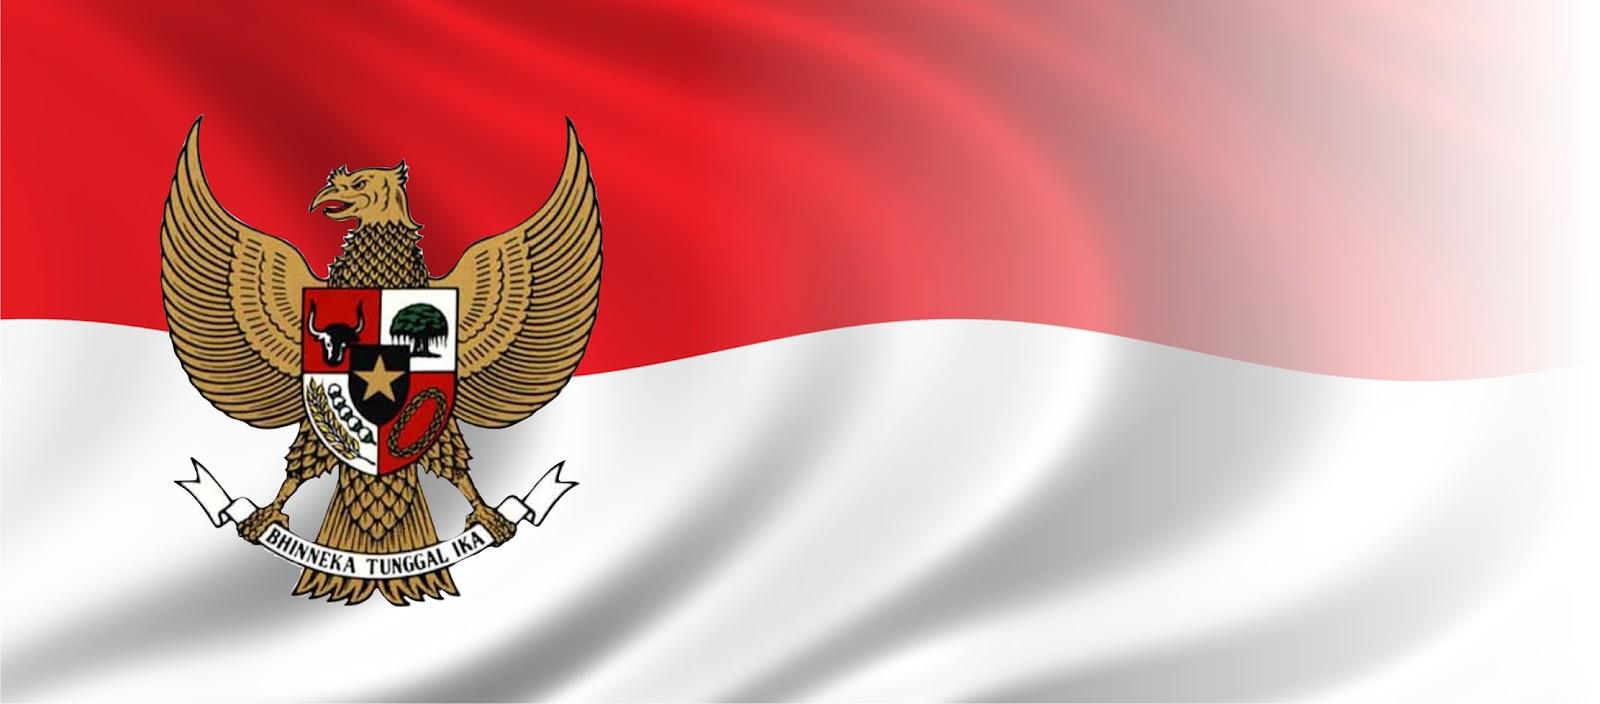 Wallpaper 3d Keren Bergerak Beauty Of Indonesia Pendakian Atap Dan Tanah Tertinggi